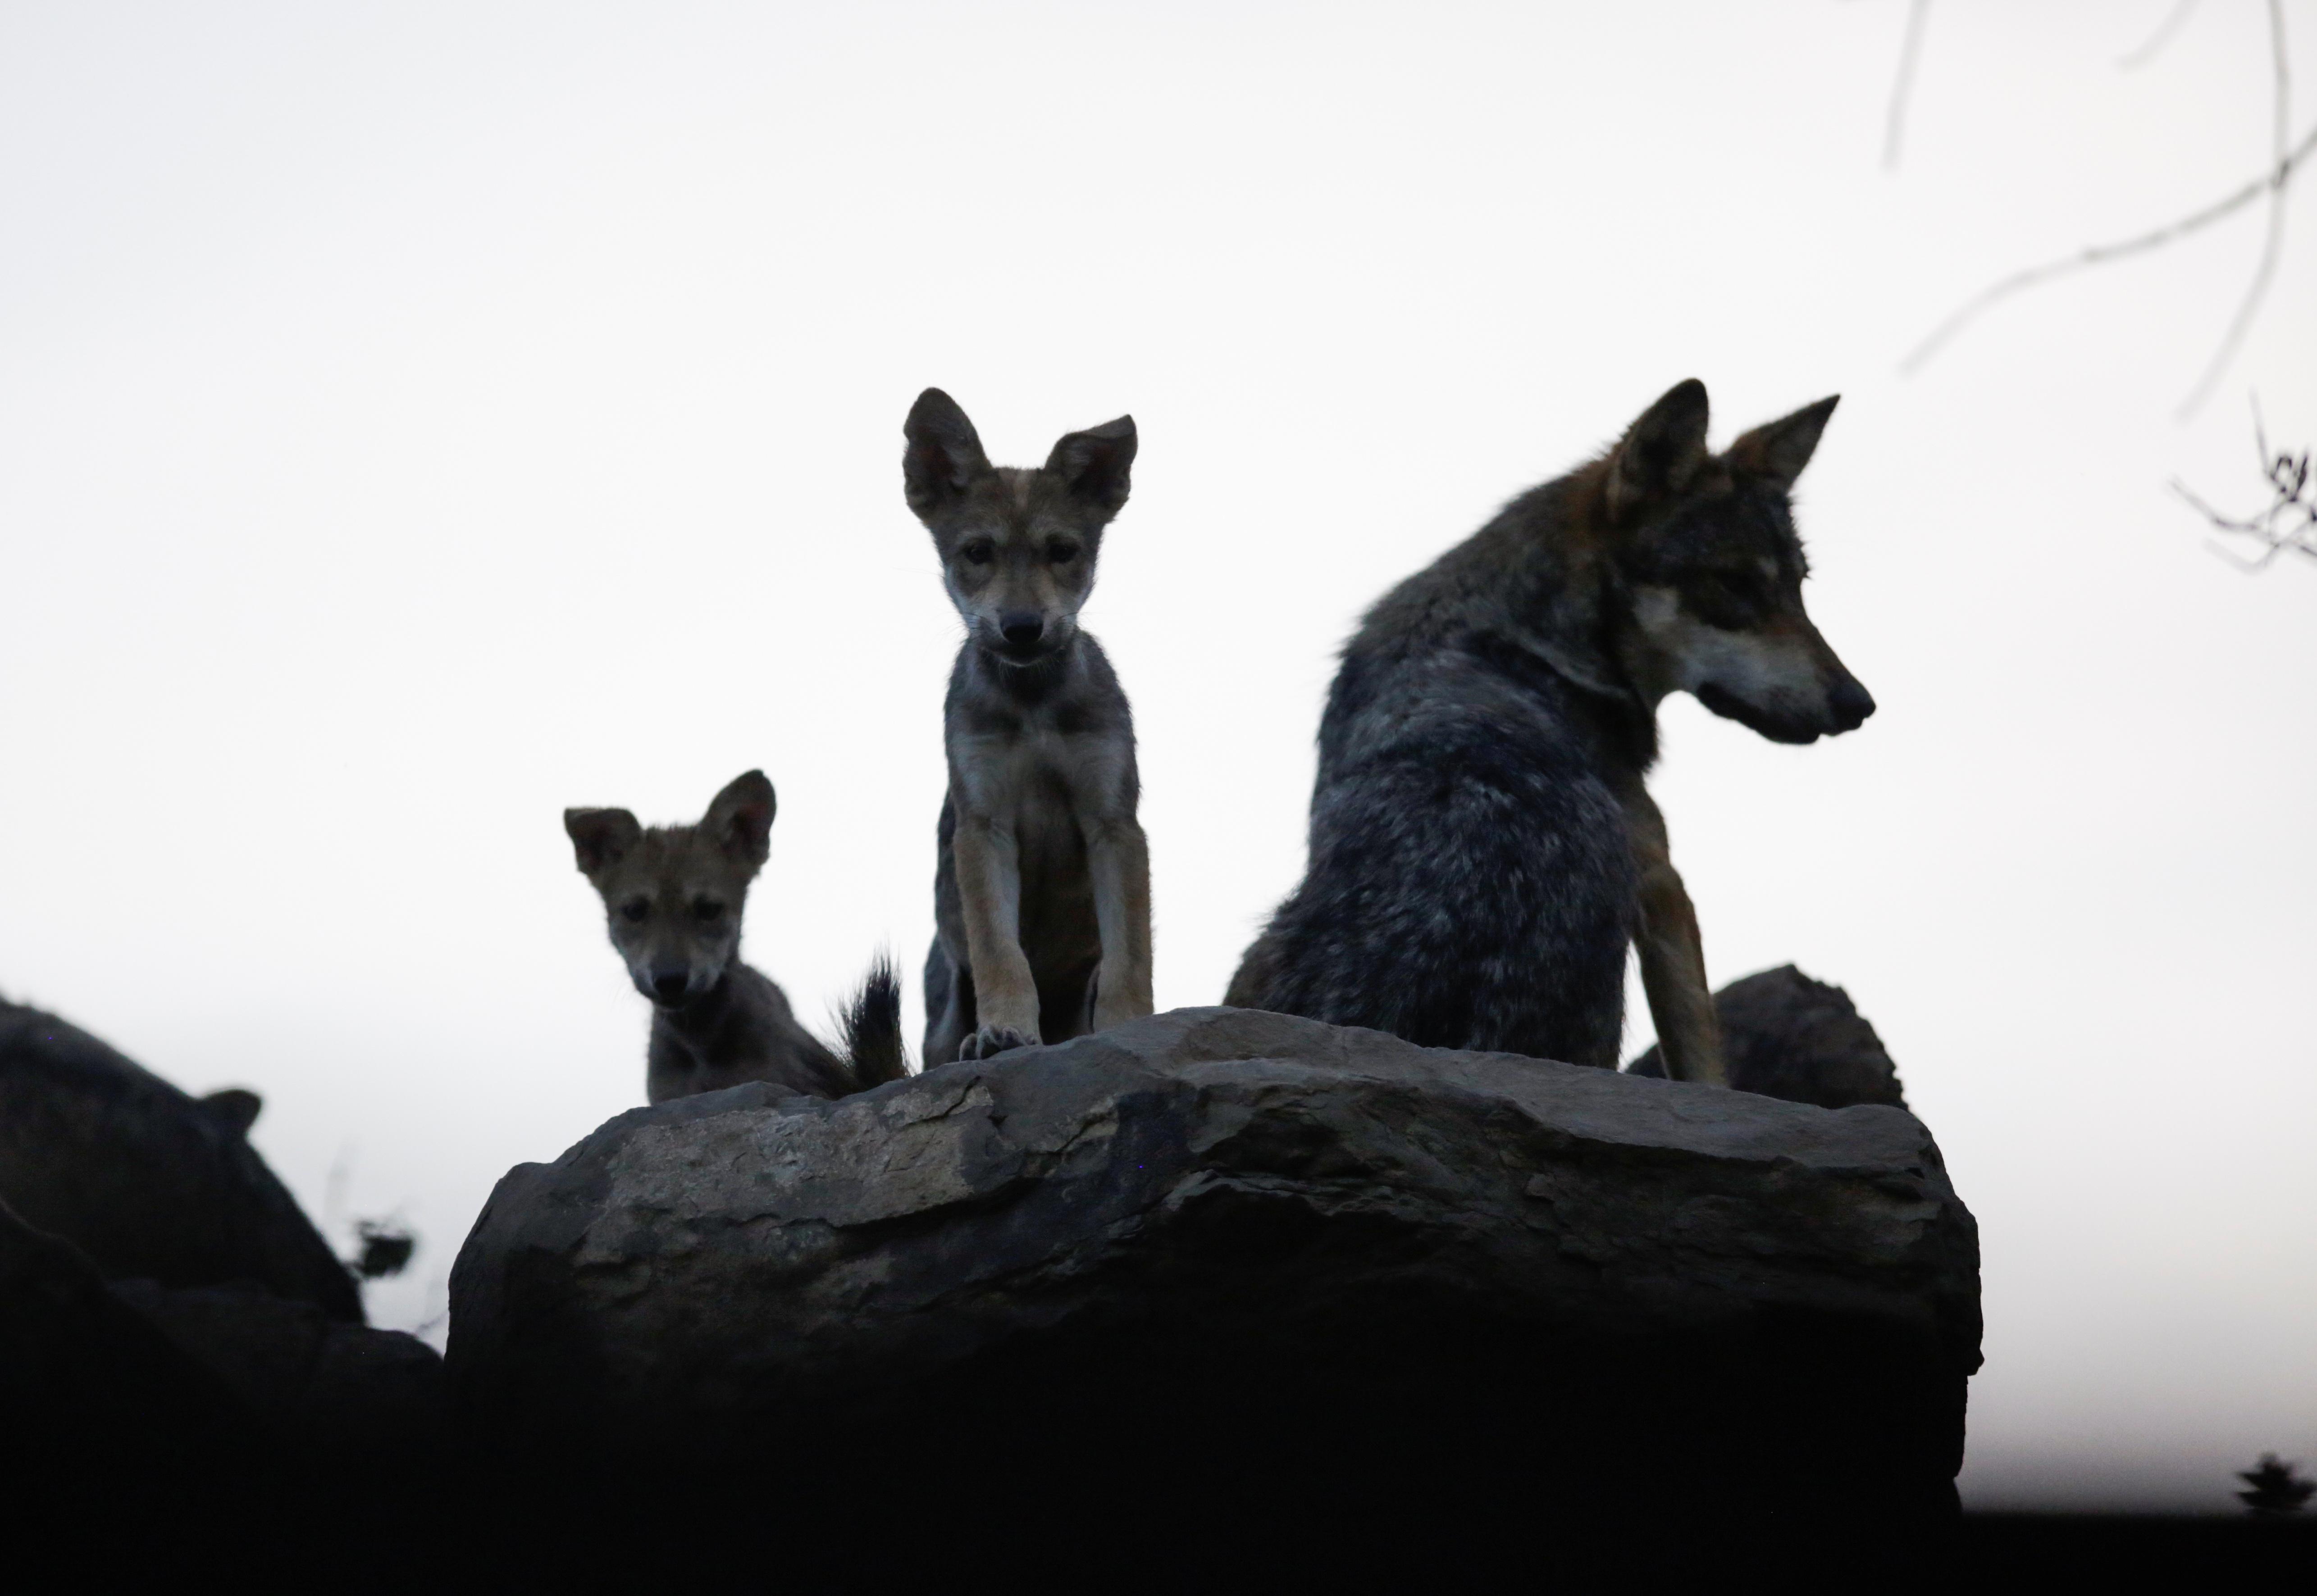 Según el museo, el lobo gris mexicano es la especie que corre más riesgo de desaparecer y la subespecie de menor talla en Norteamérica. 2 de julio de 2020. (Foto: REUTERS / Daniel Becerril)